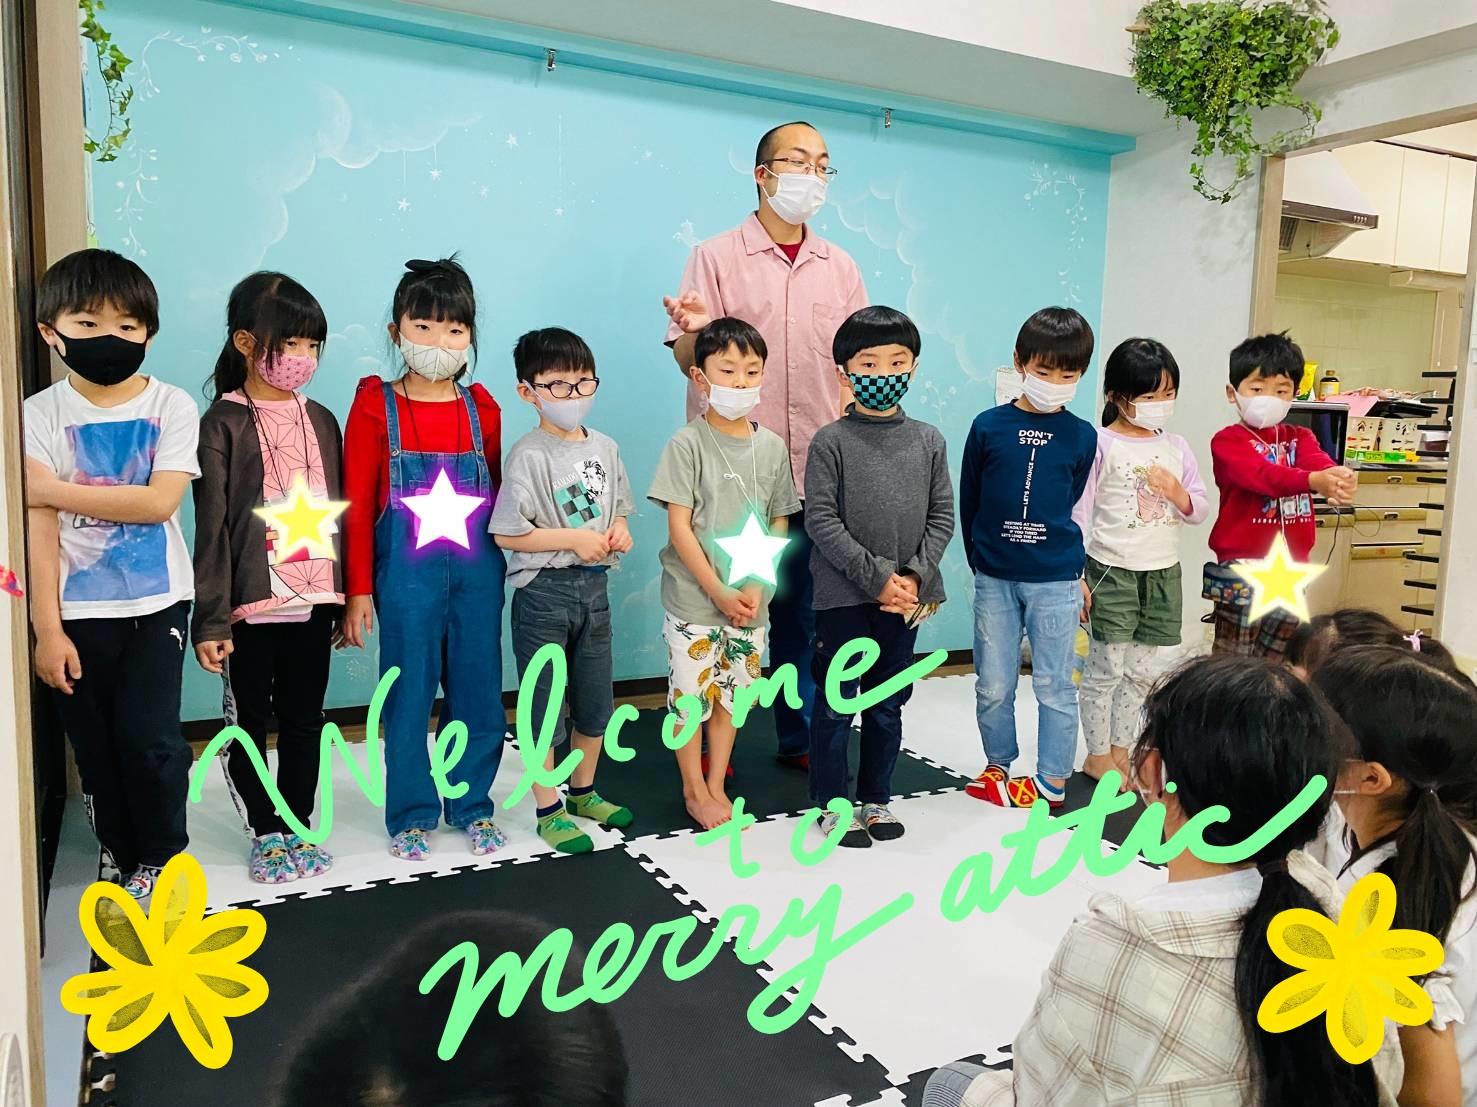 新たな仲間とともに(*^^*)@ merry